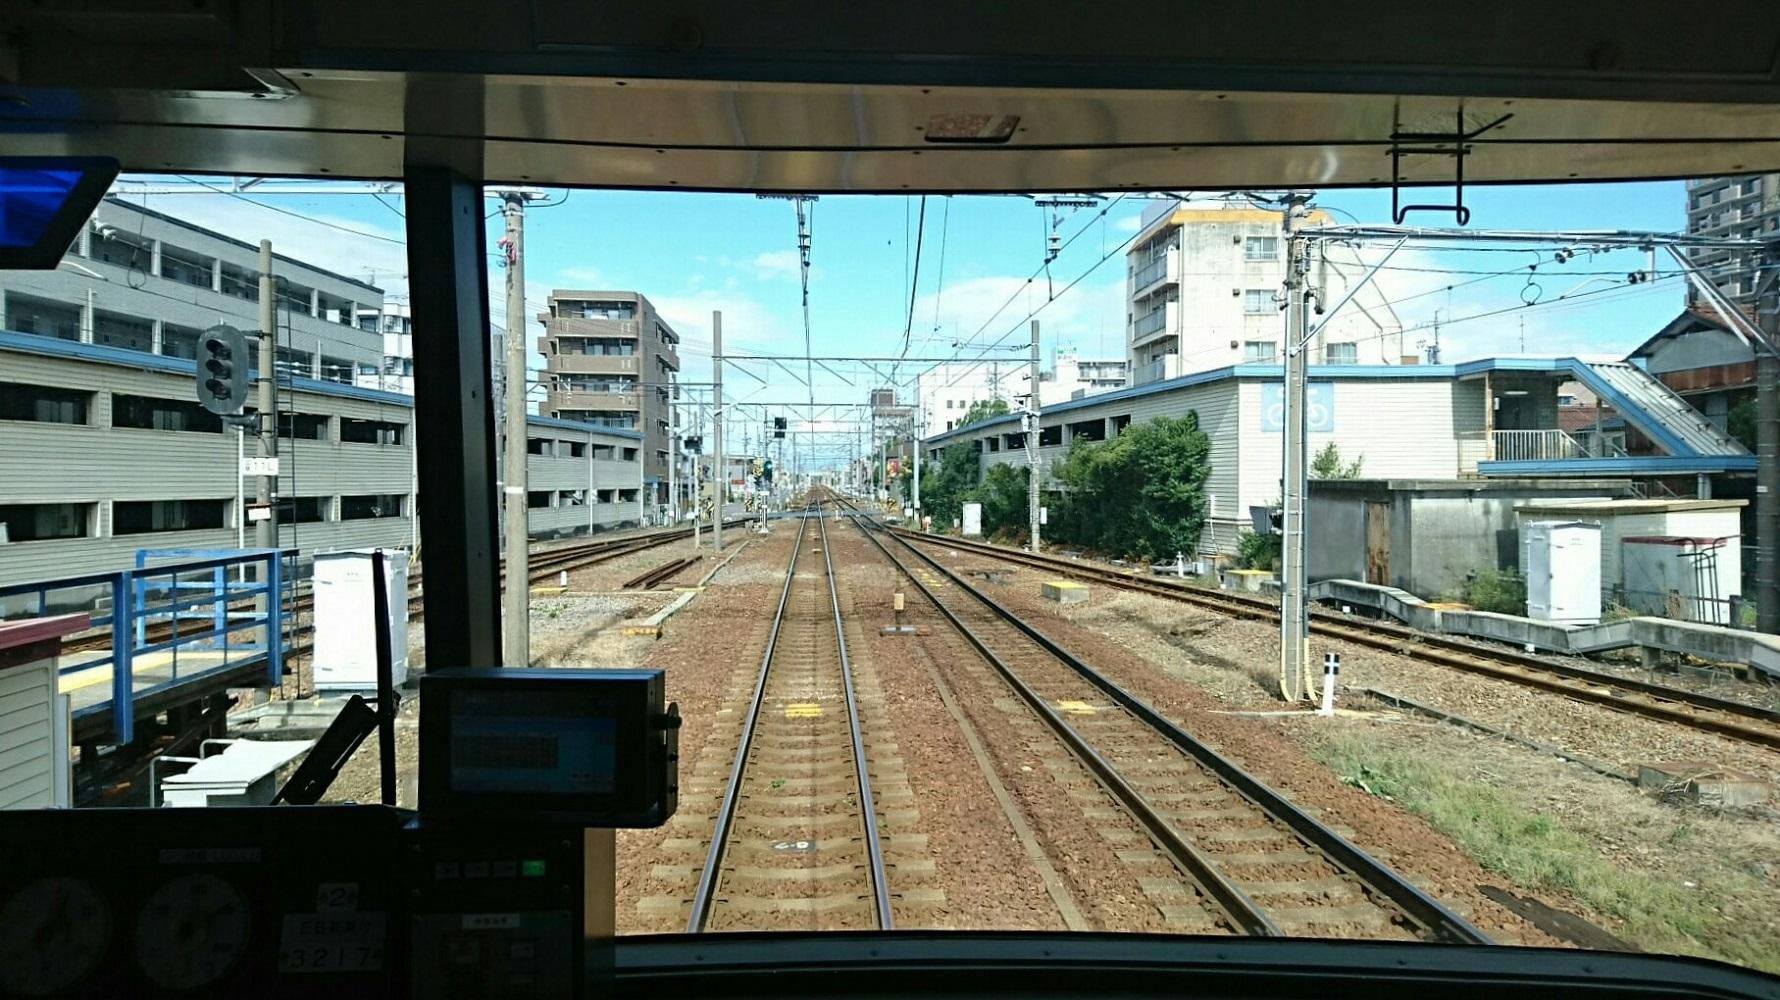 2017.9.18 名古屋 (8) 岐阜いき急行 - しんあんじょうしゅっぱつ 1780-1000